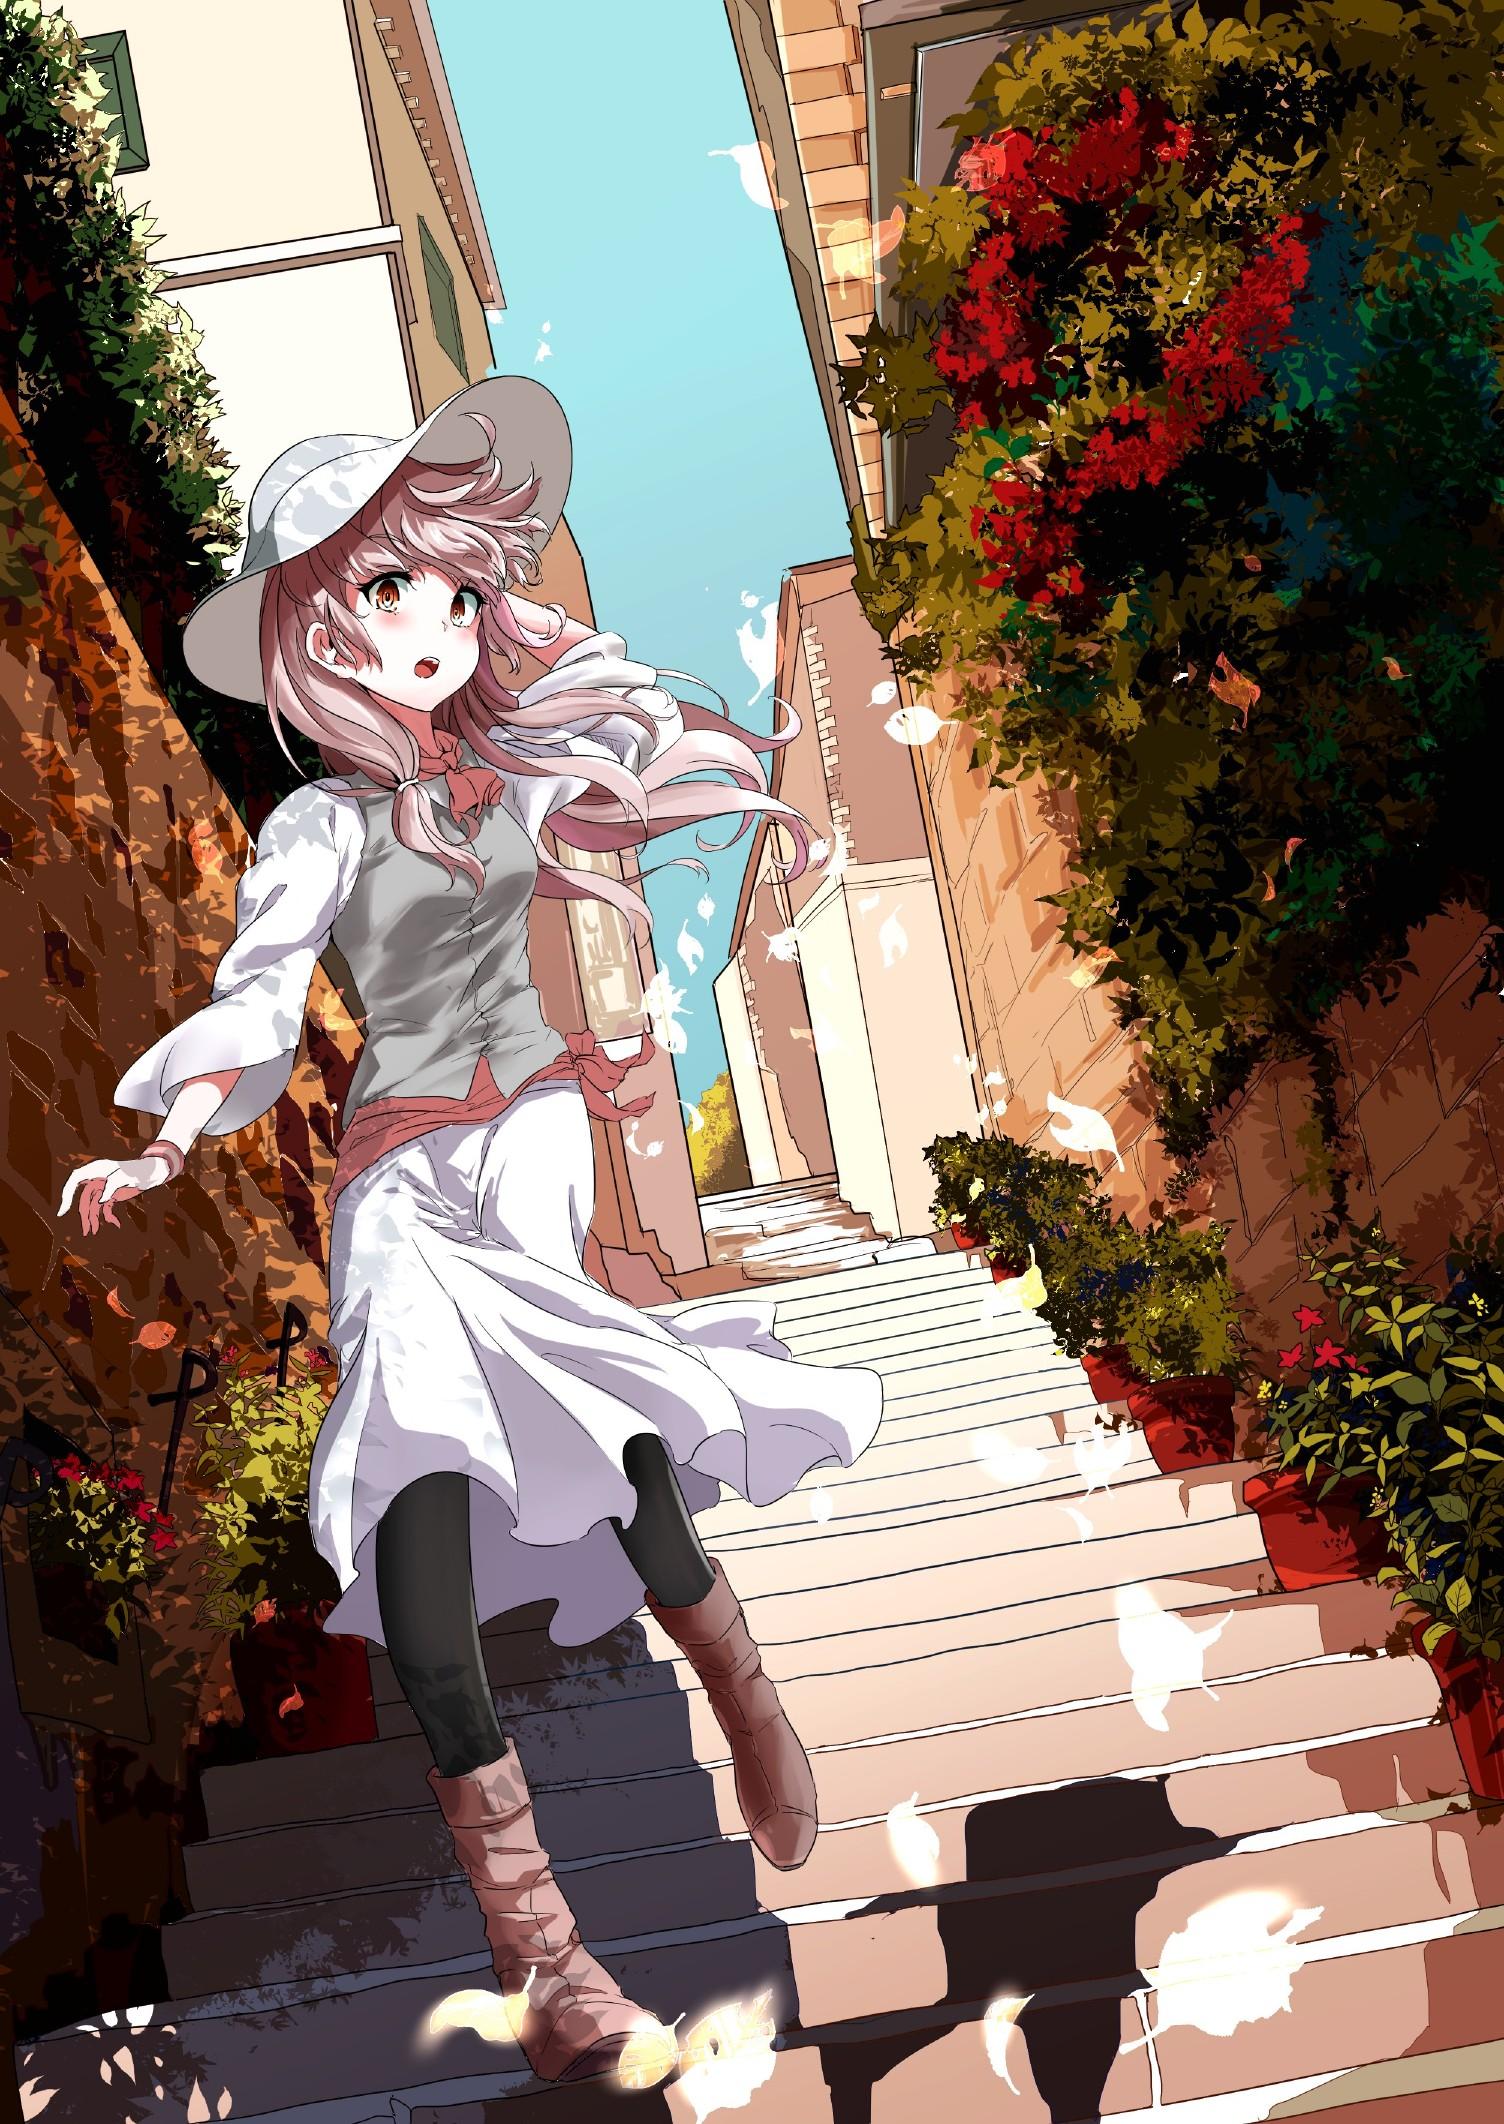 【2次】建物や街並みが描かれてる美少女二次画像【非エロ】